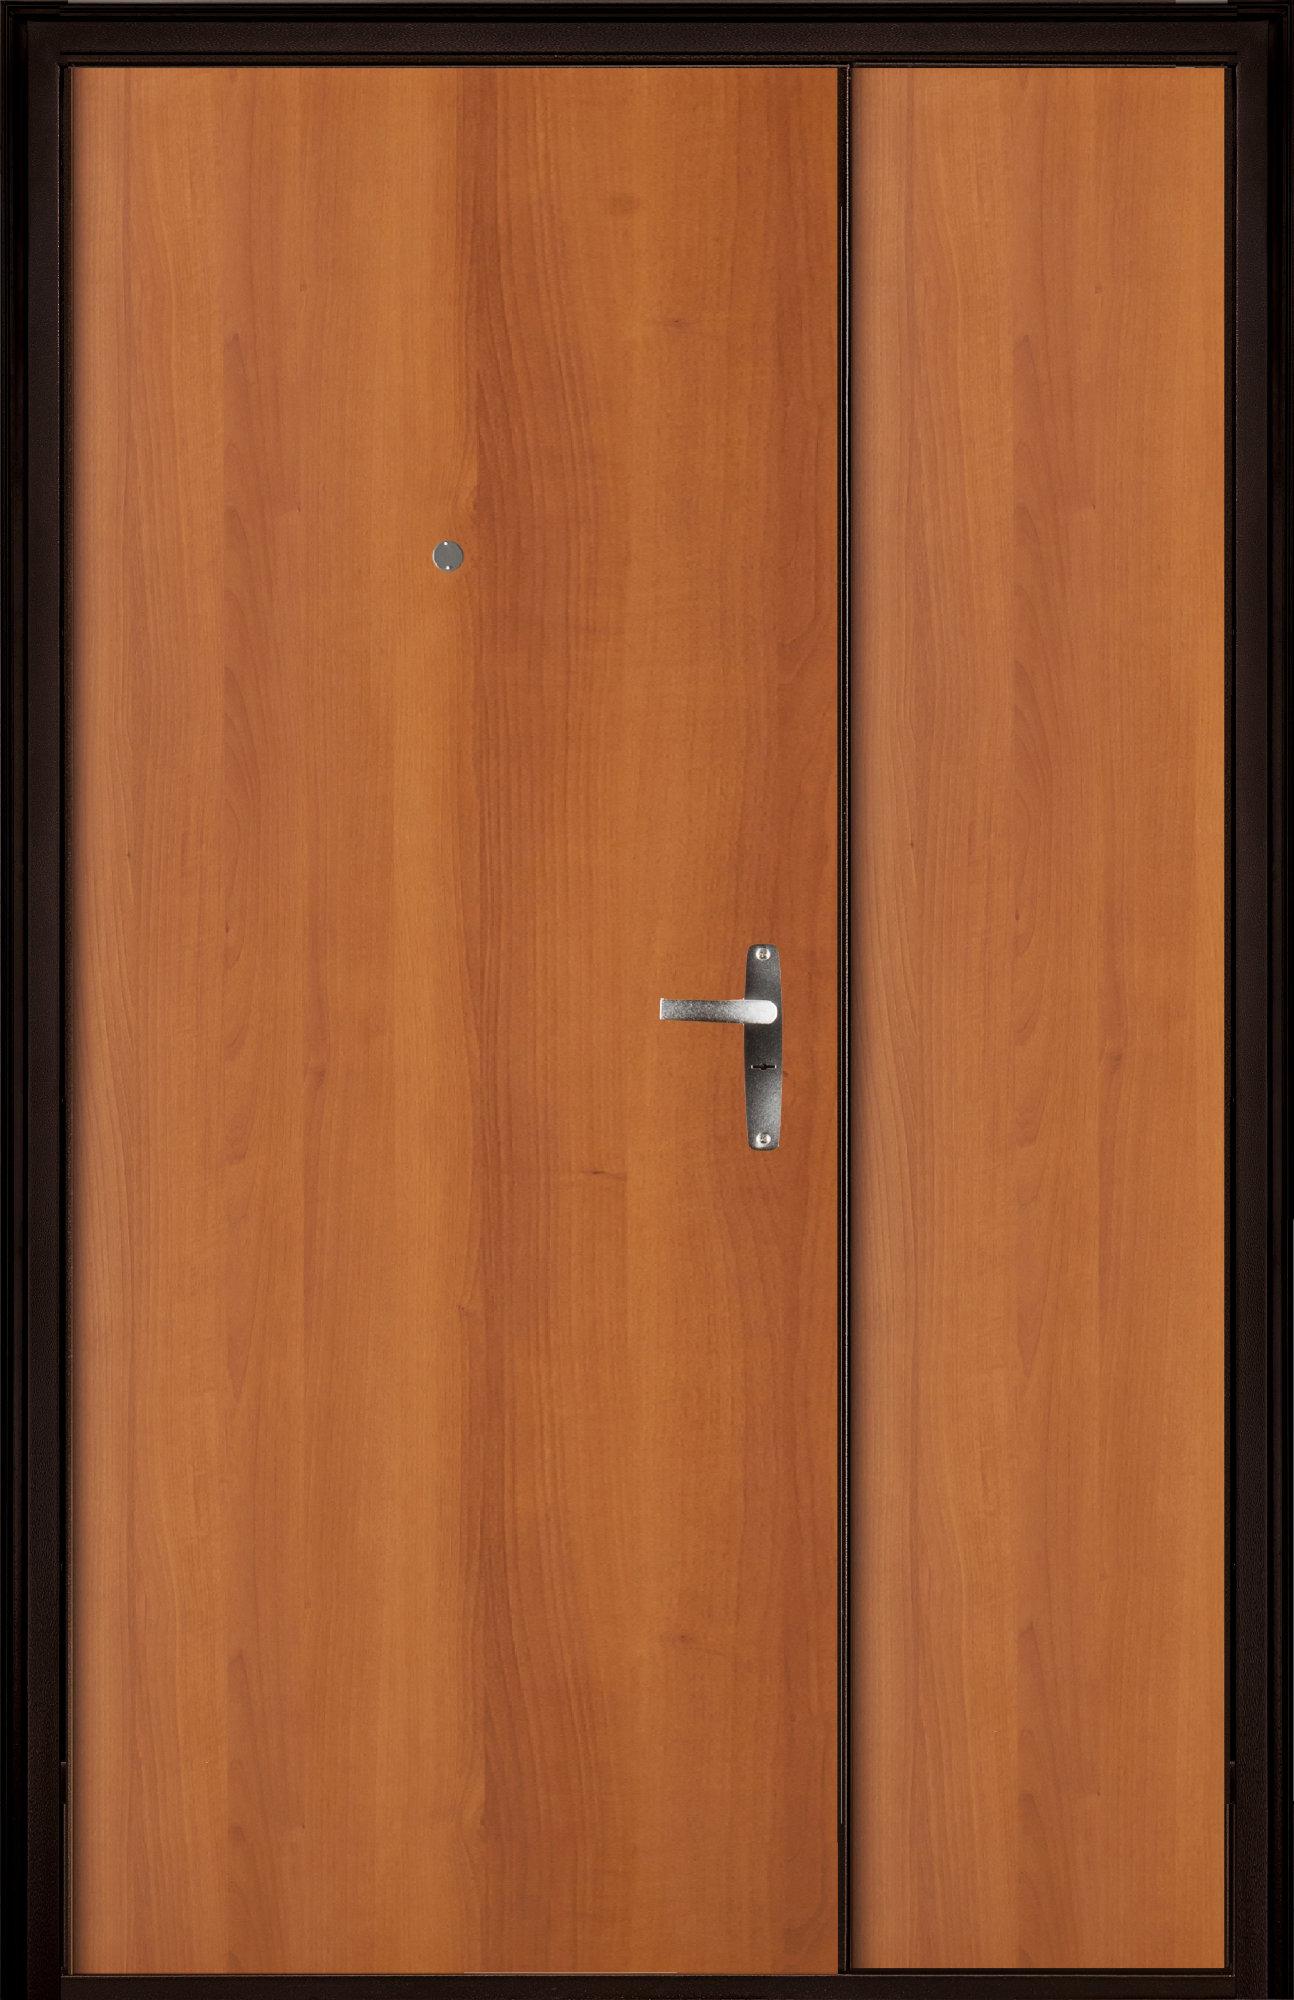 Кухня и гостиная за раздвижной дверью фото этом мария